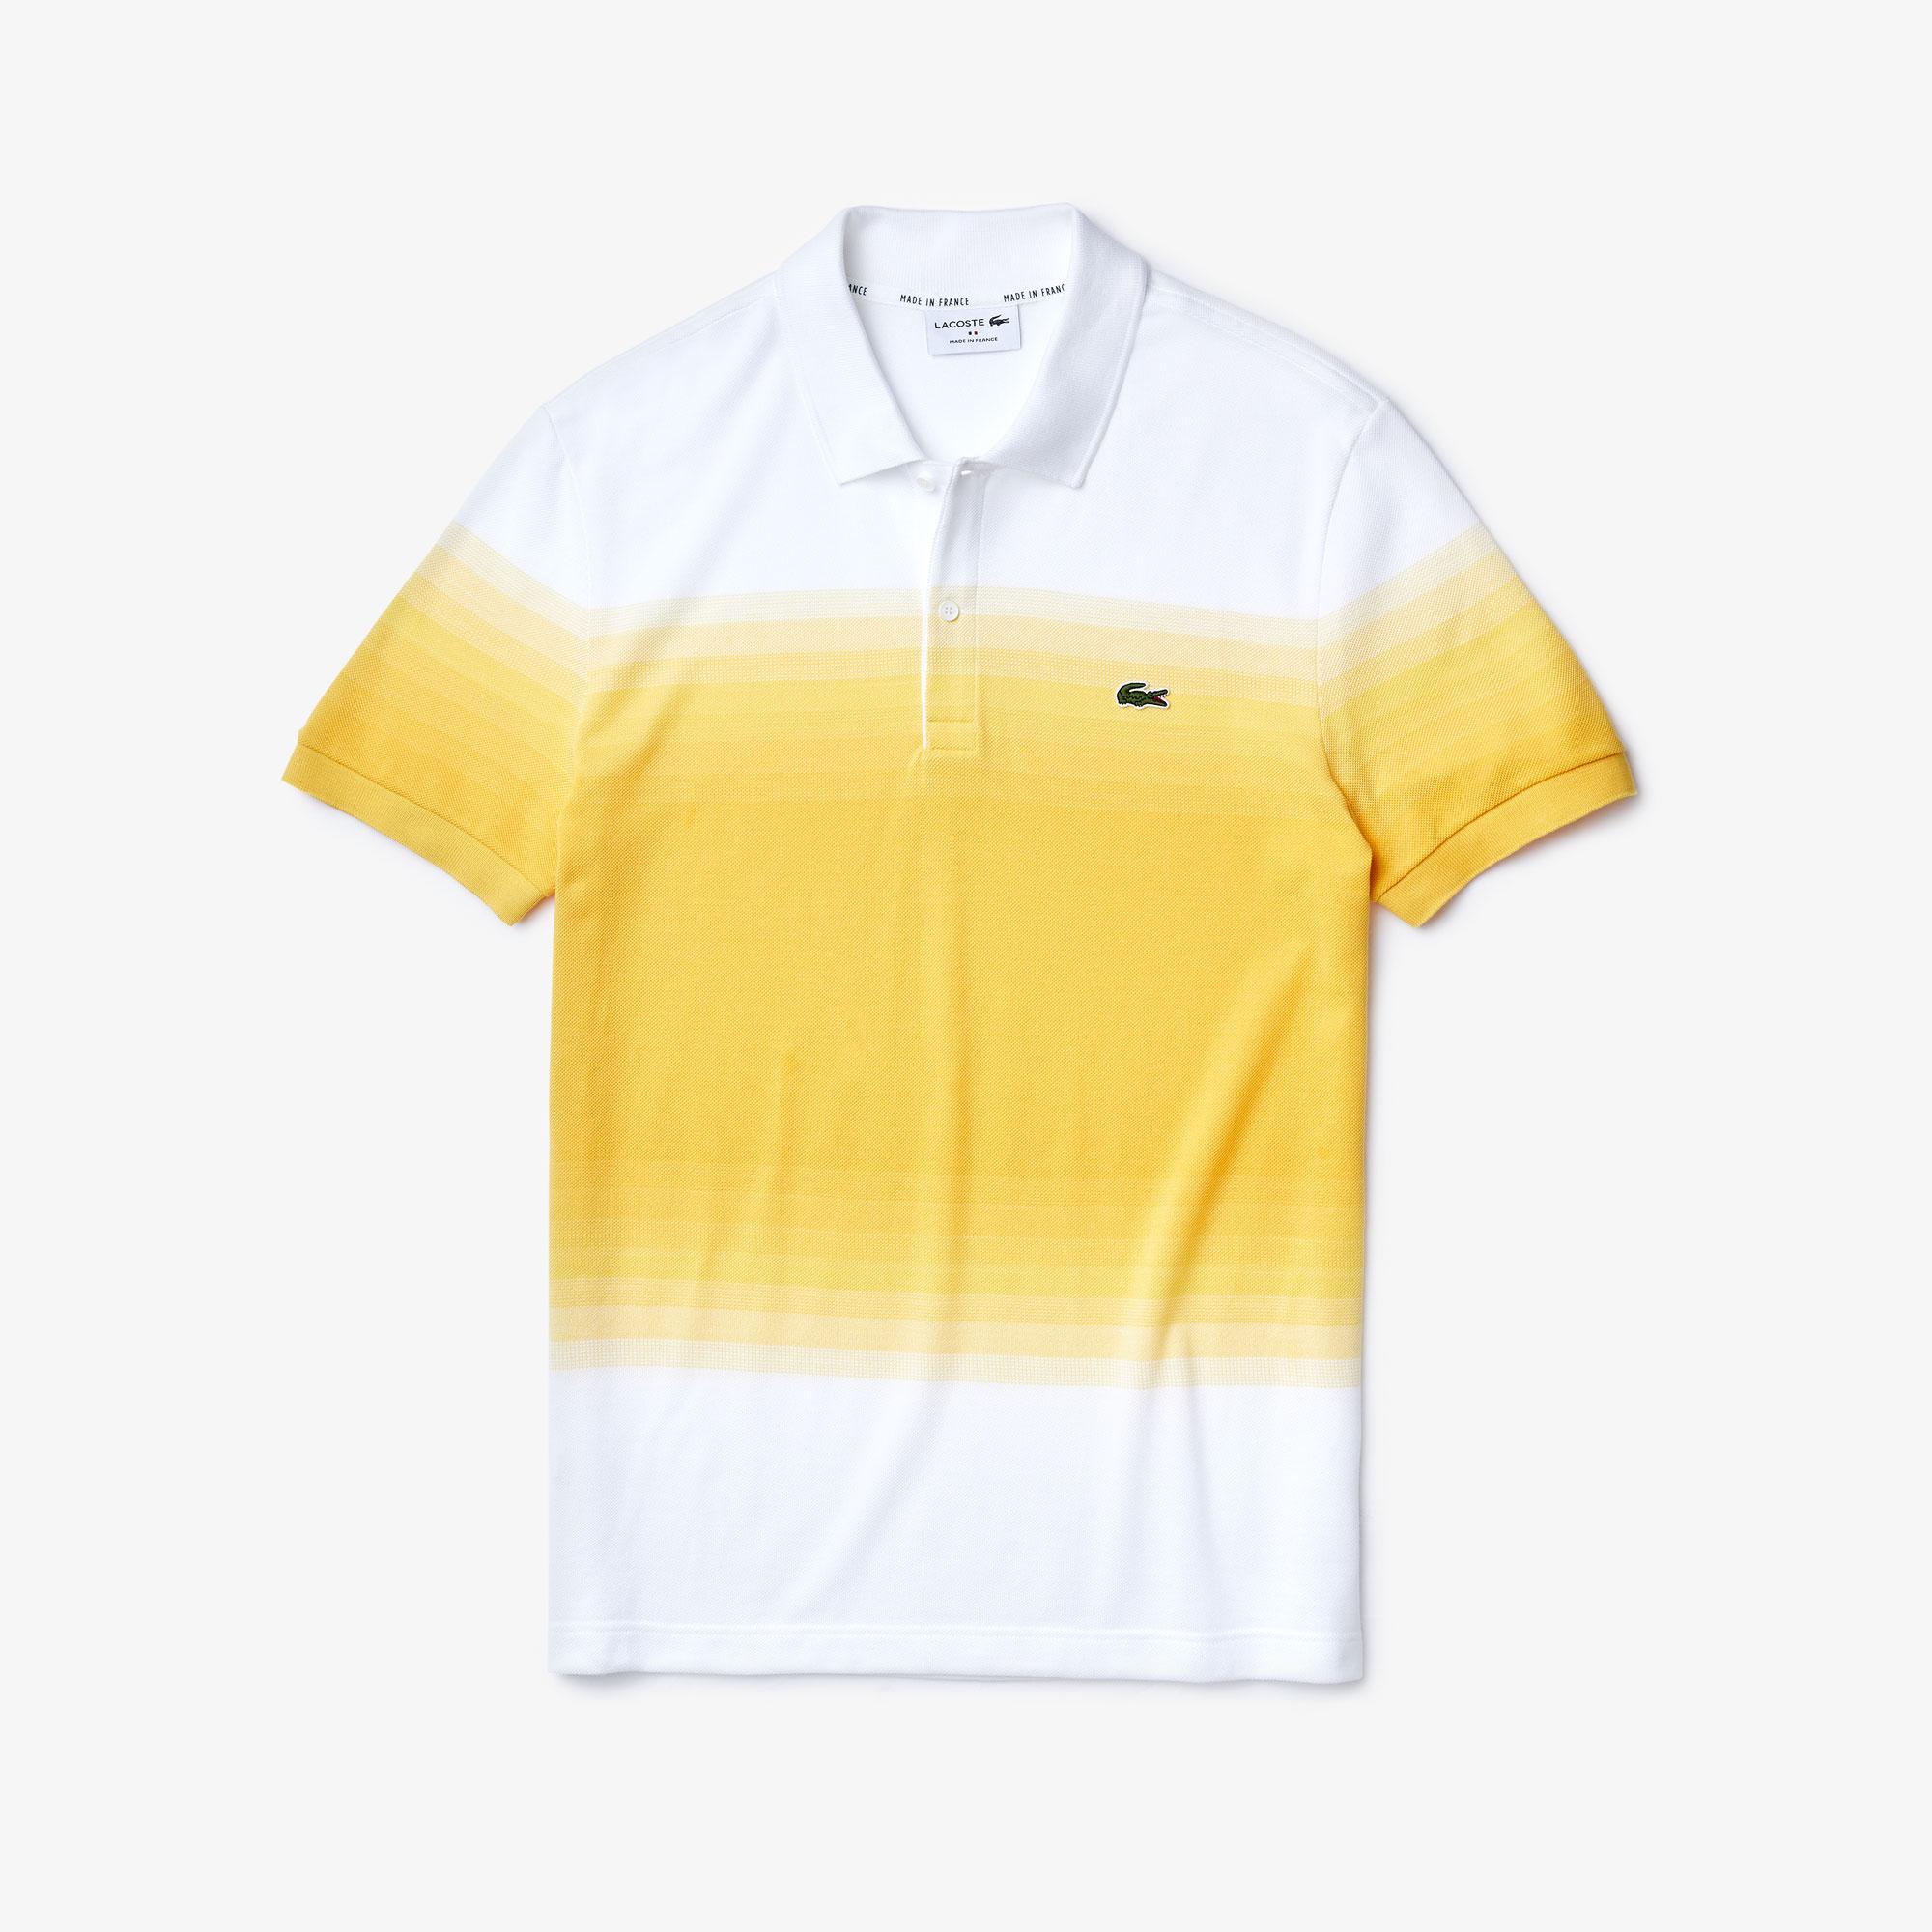 Lacoste Erkek Regular Fit Degrade Beyaz - Sarı Polo